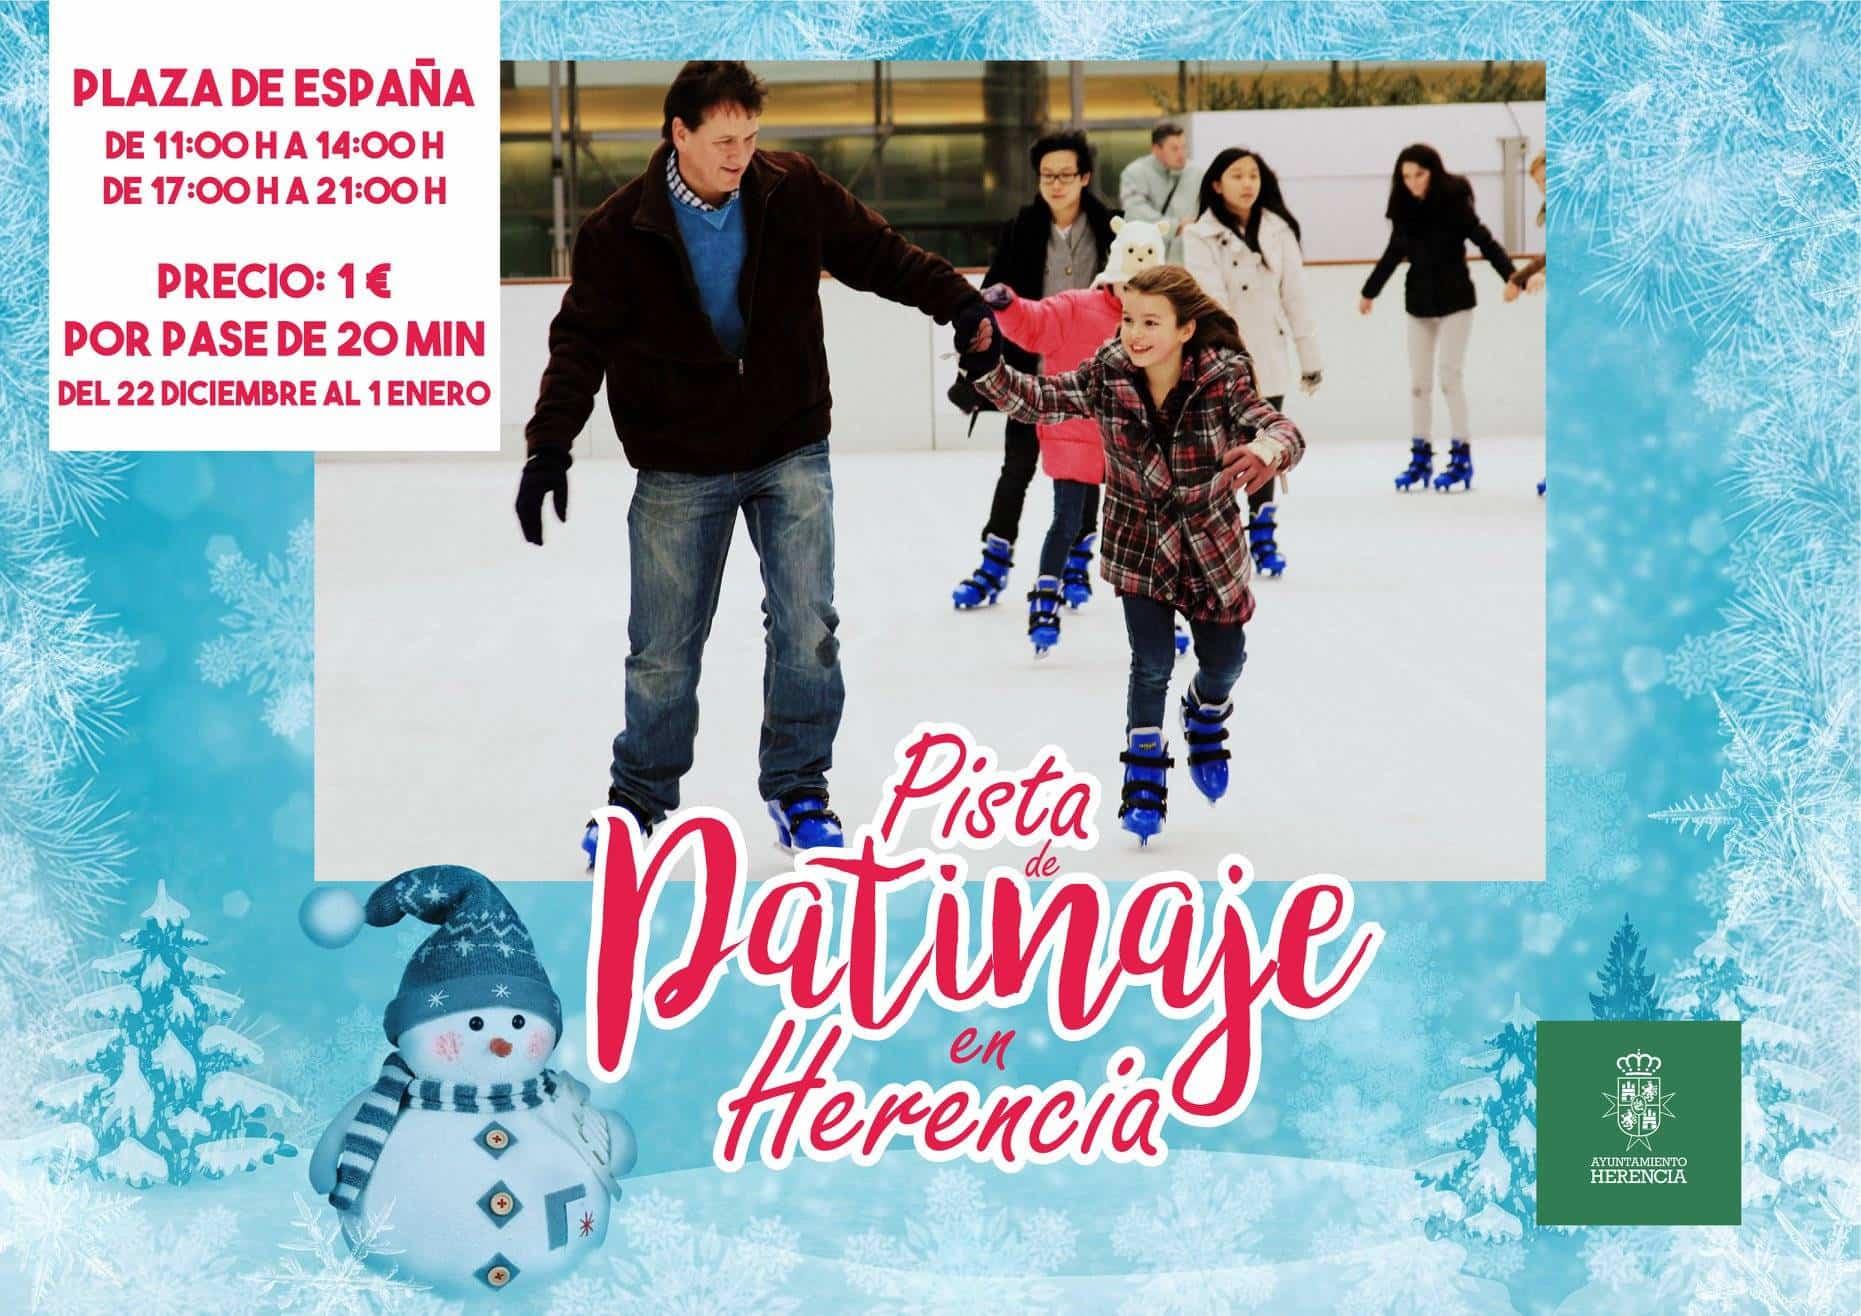 Herencia contará nuevamente con una pista de patinaje en navidad 3